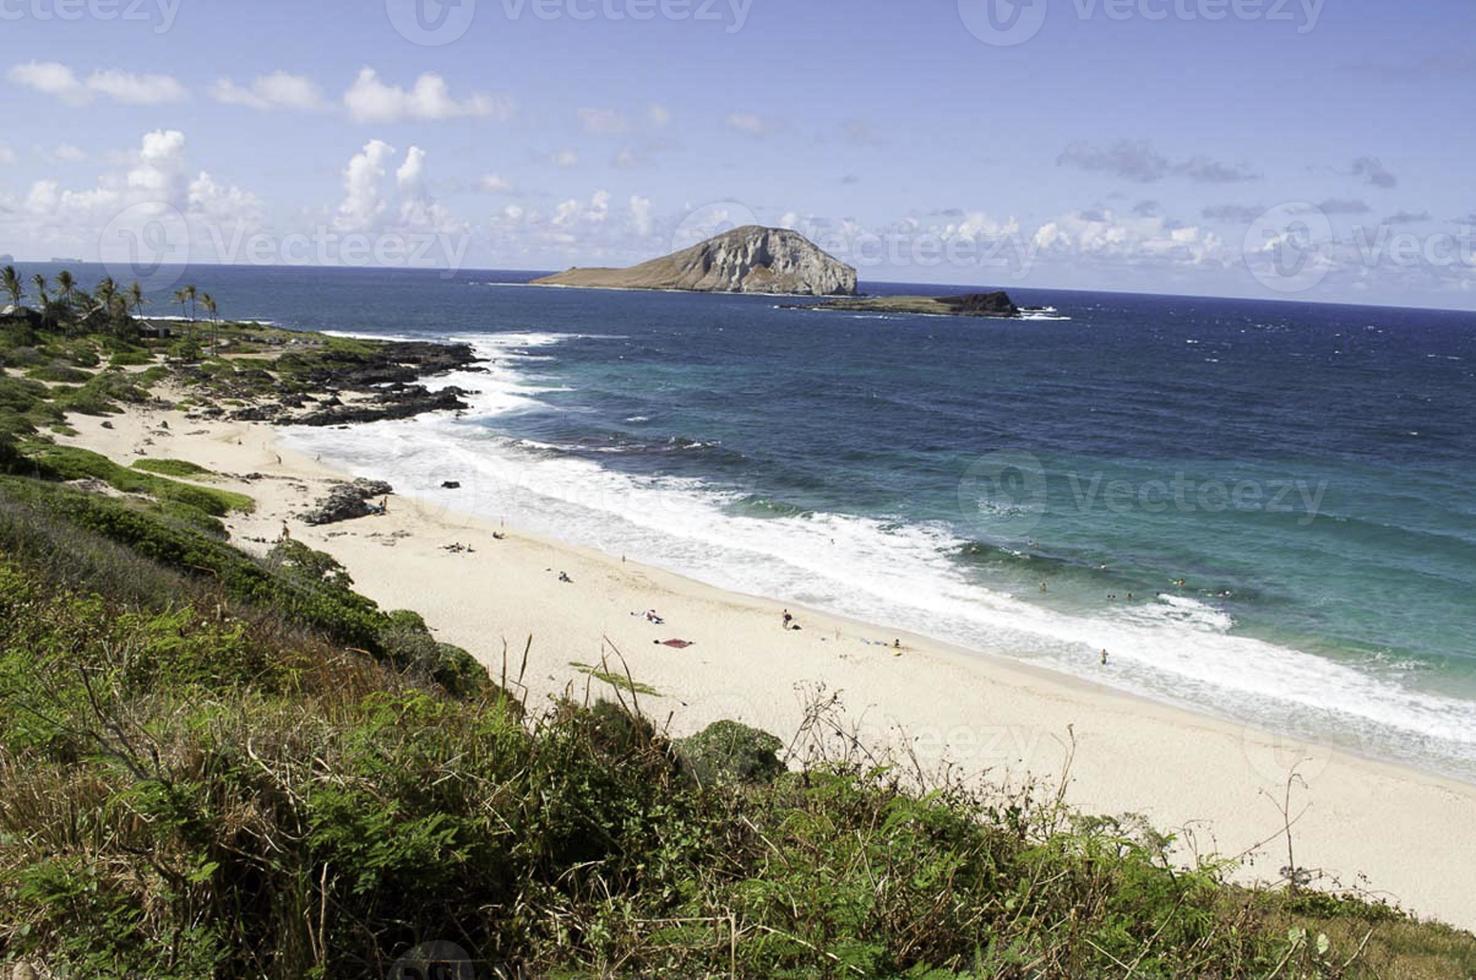 Makapu'u Beach Vista in una giornata di sole veach. foto